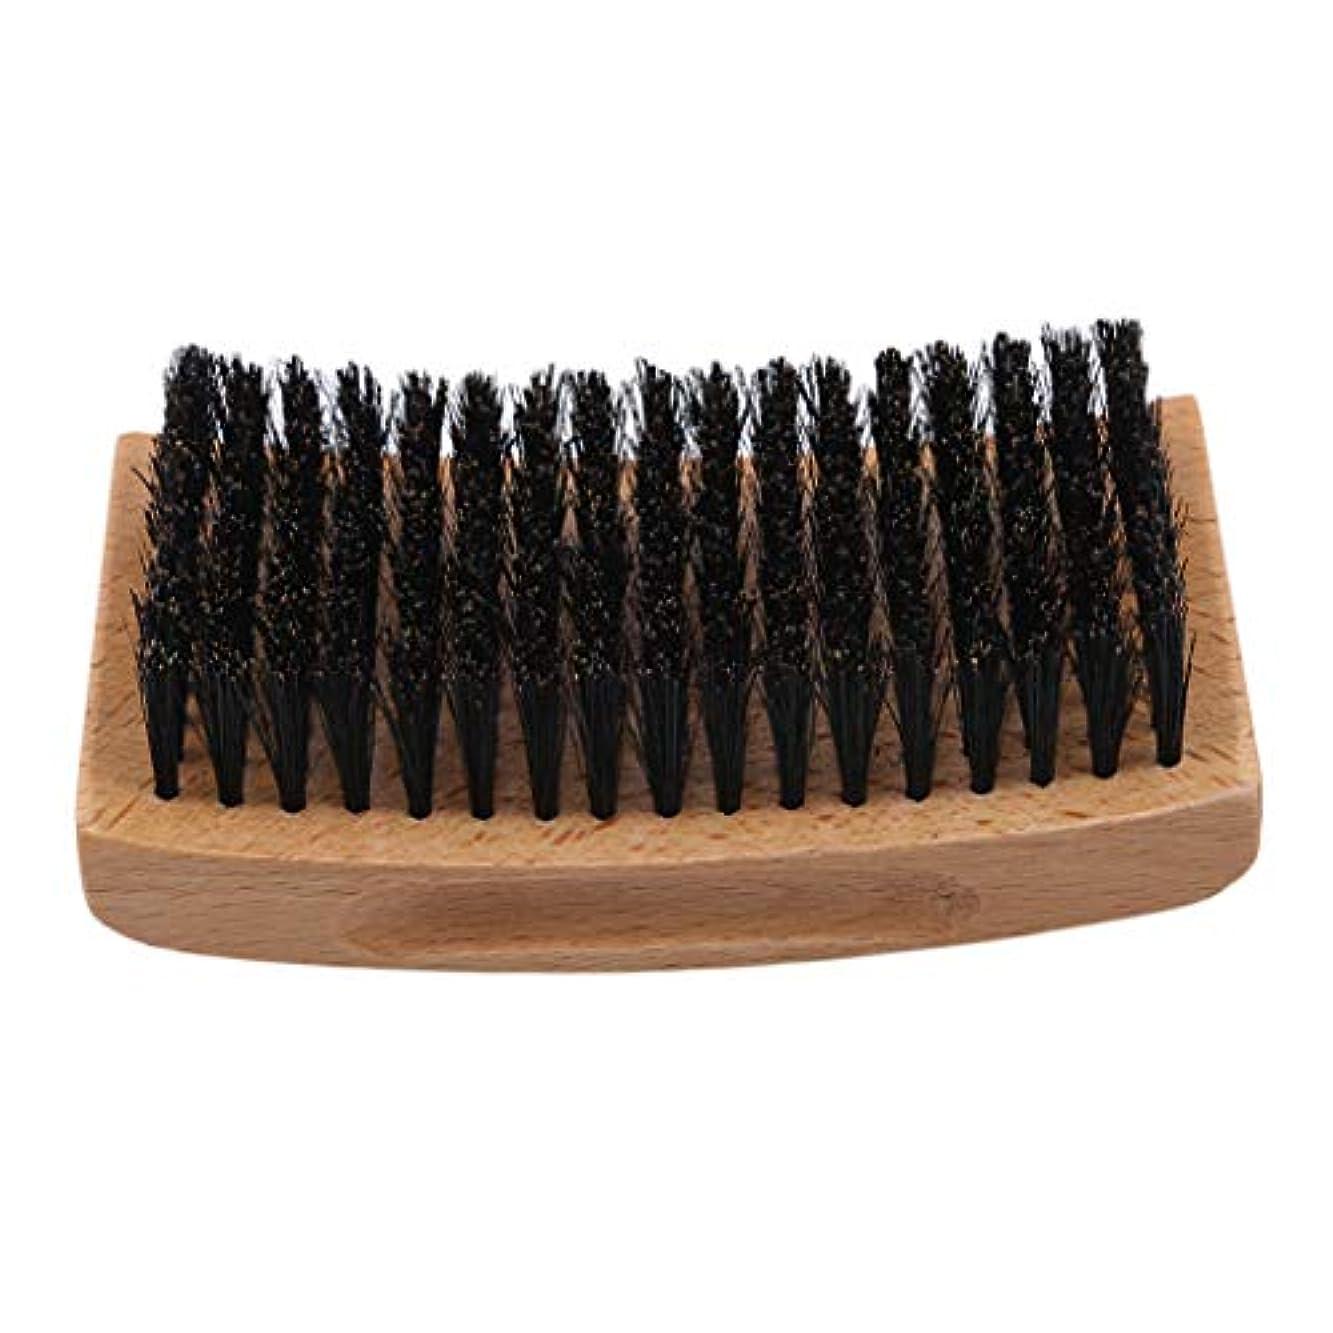 妨げる旅行代理店石鹸GOMYIE あなたの顔の毛をなだめ、柔らかくすることができる堅いたてがみの男性のピグテールの毛深いひげのブラシ(スタイル4)